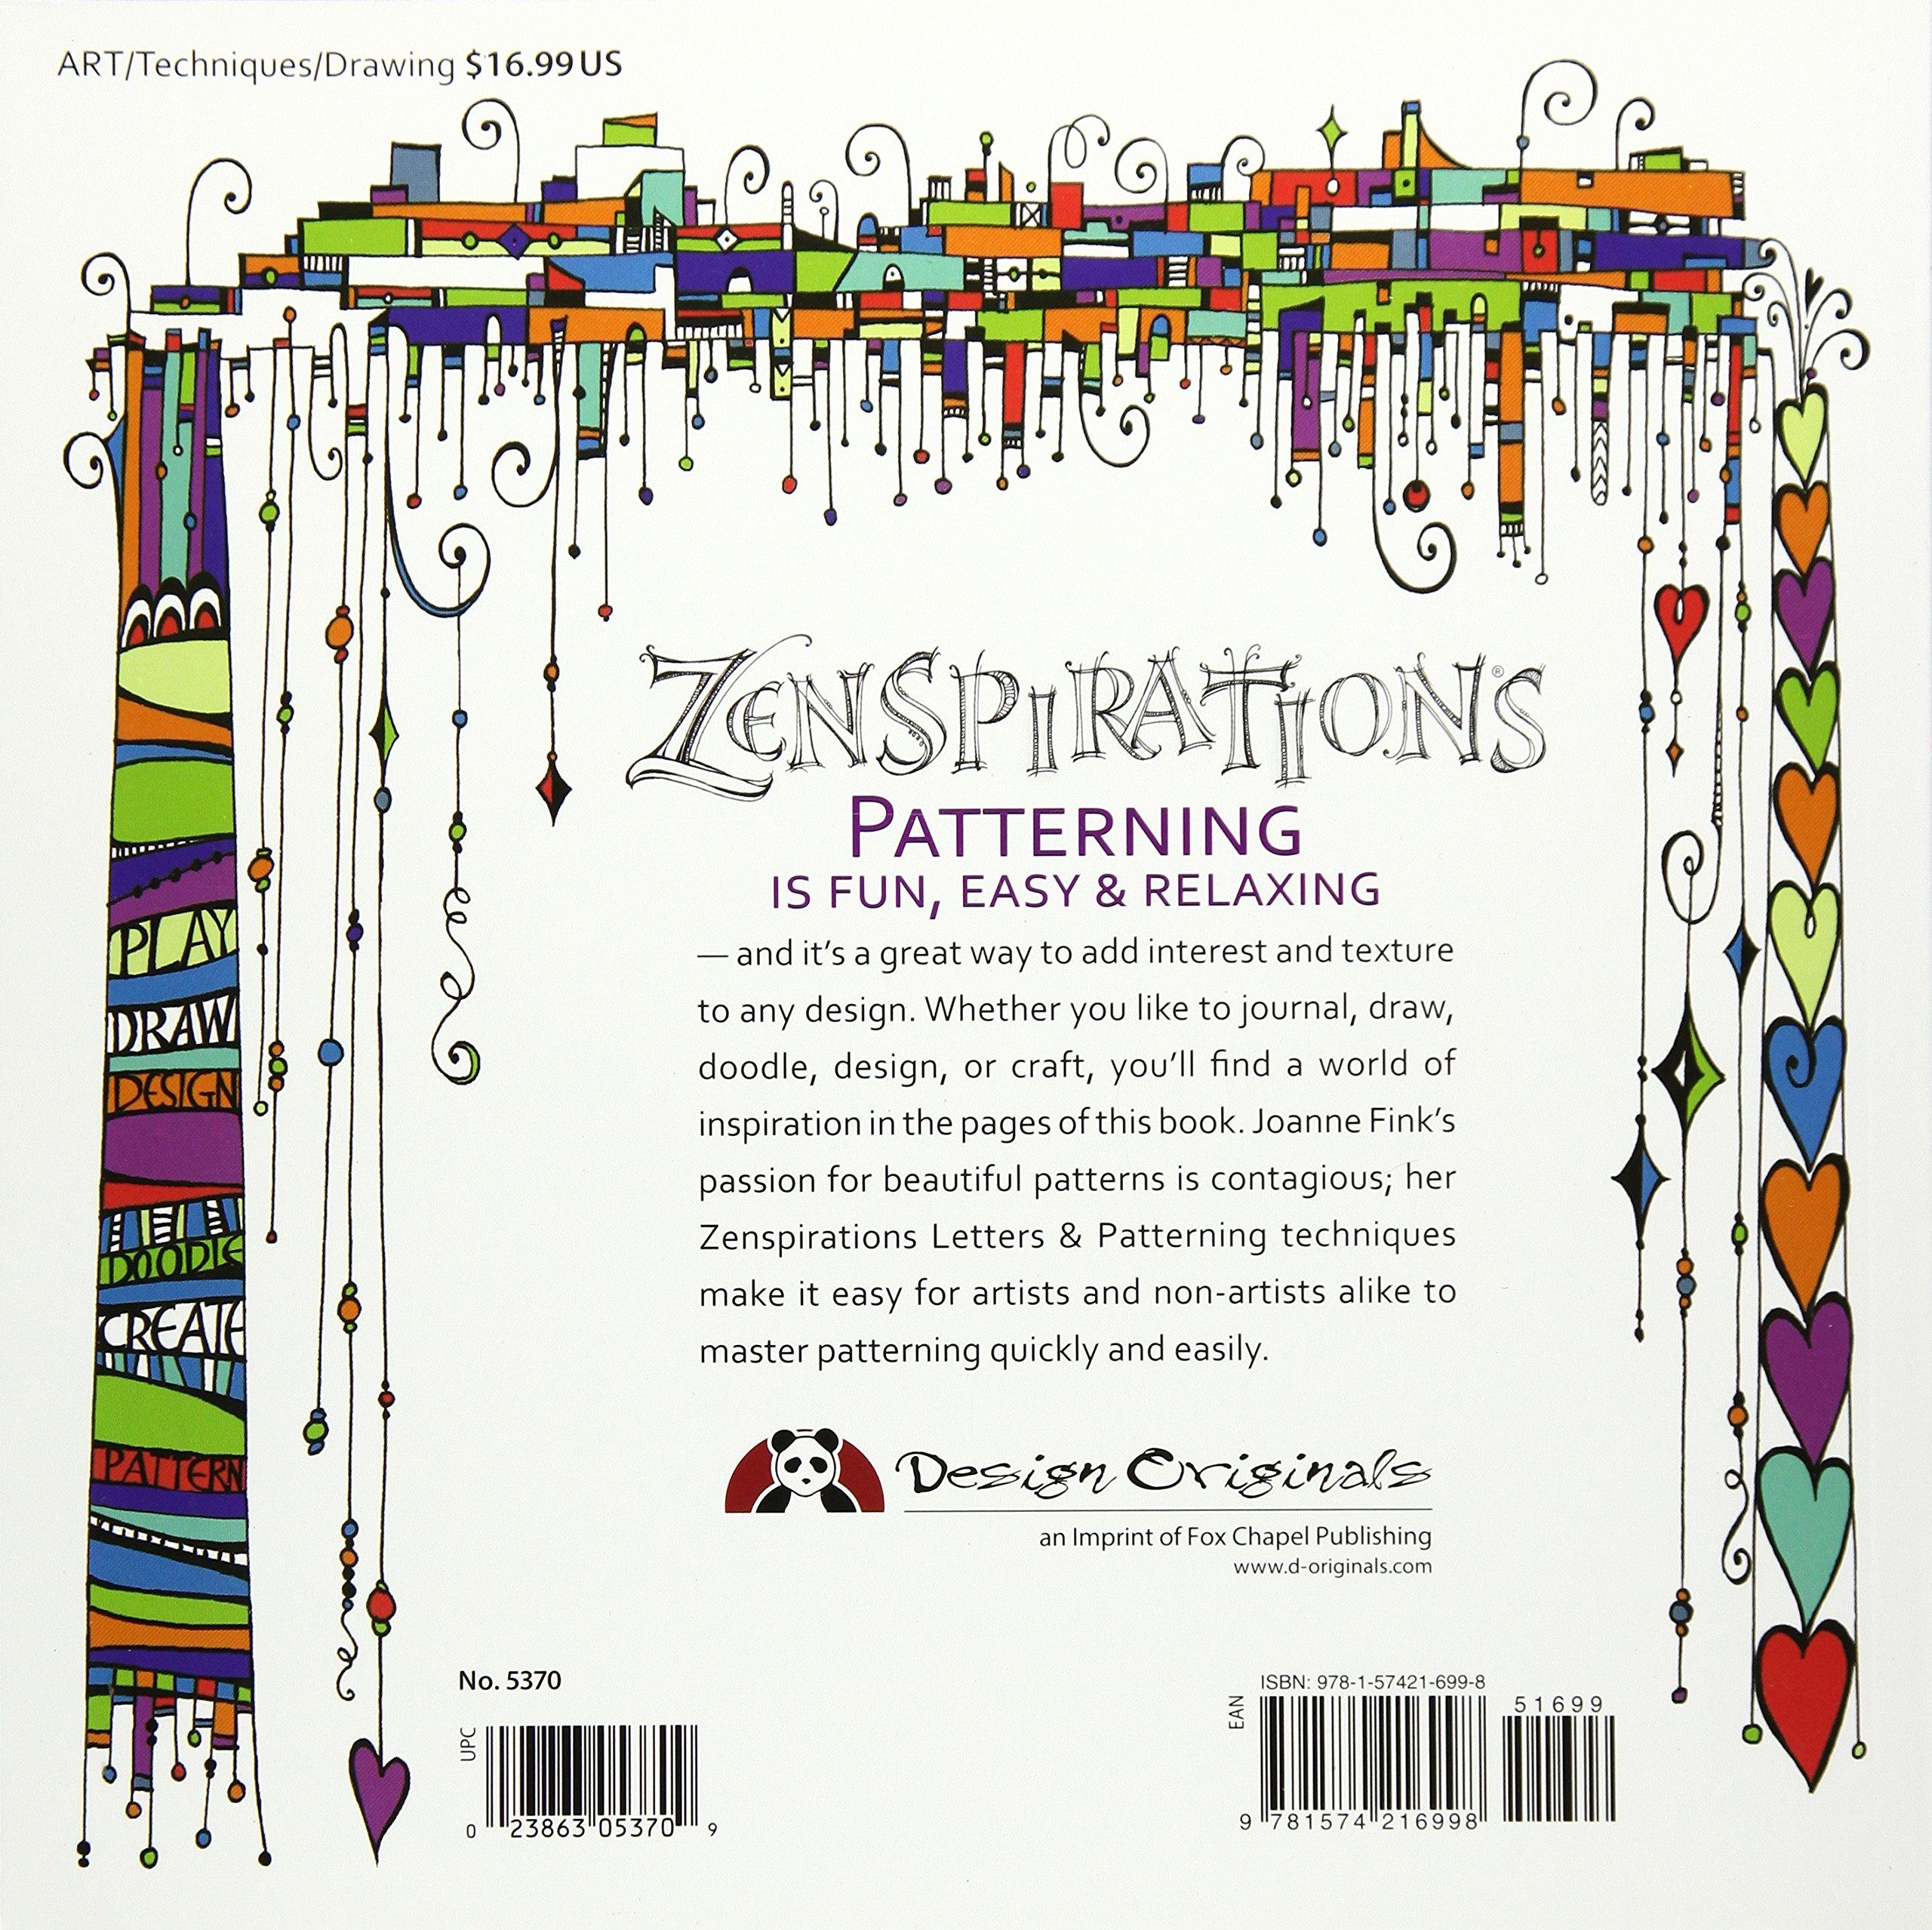 Zenspirations: Letters & Patterning: Amazon.de: Joanne Fink ...